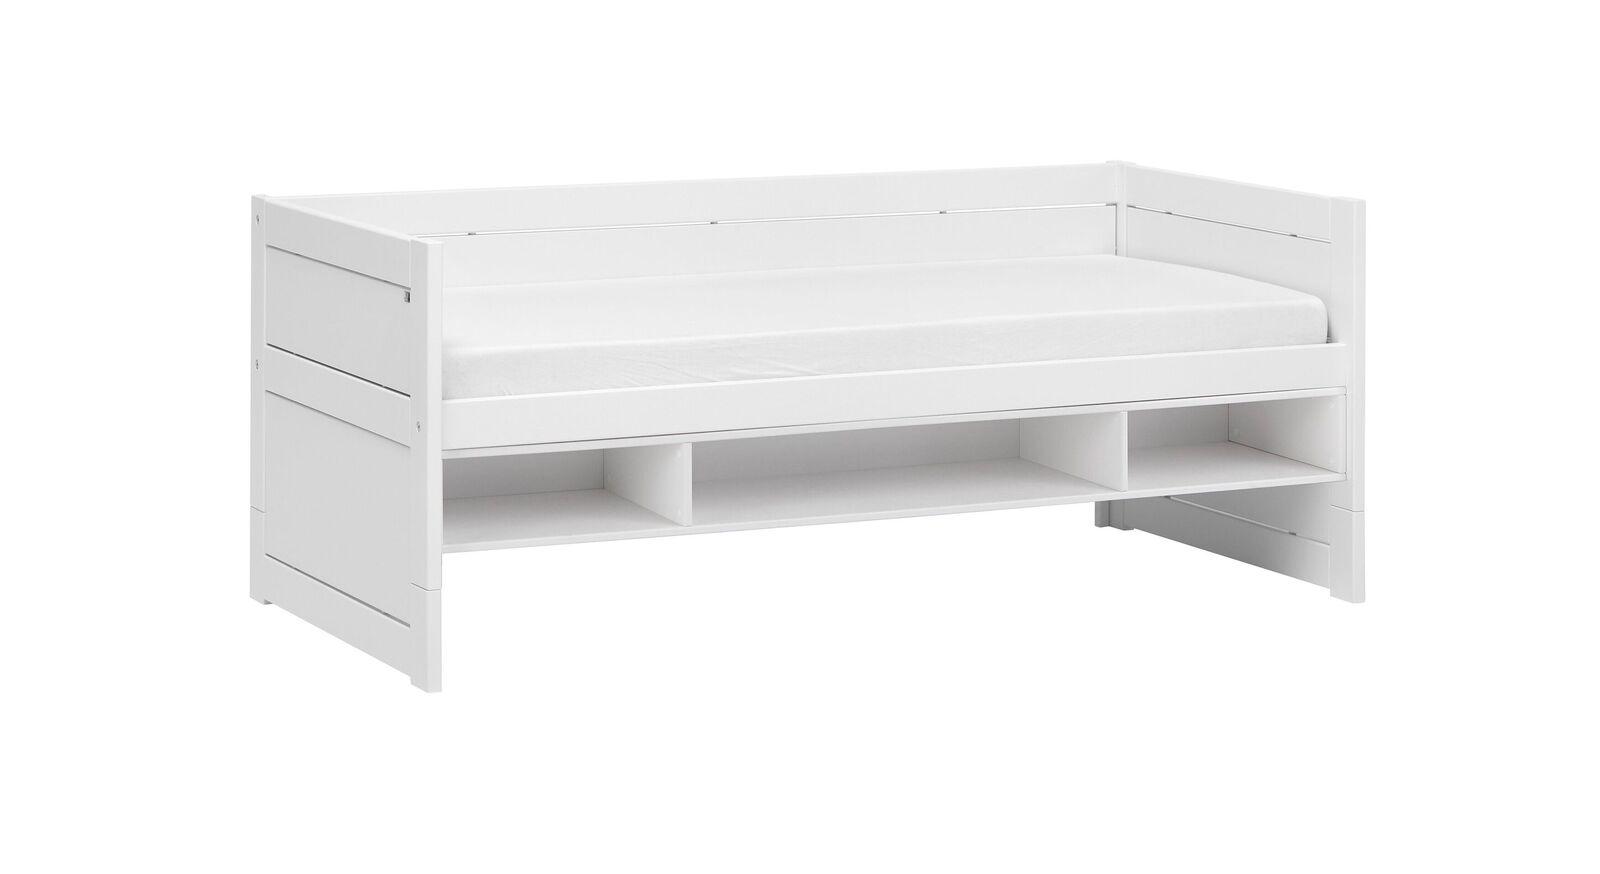 LIFETIME Stauraum-Sofabett Original mit 3 Fächern